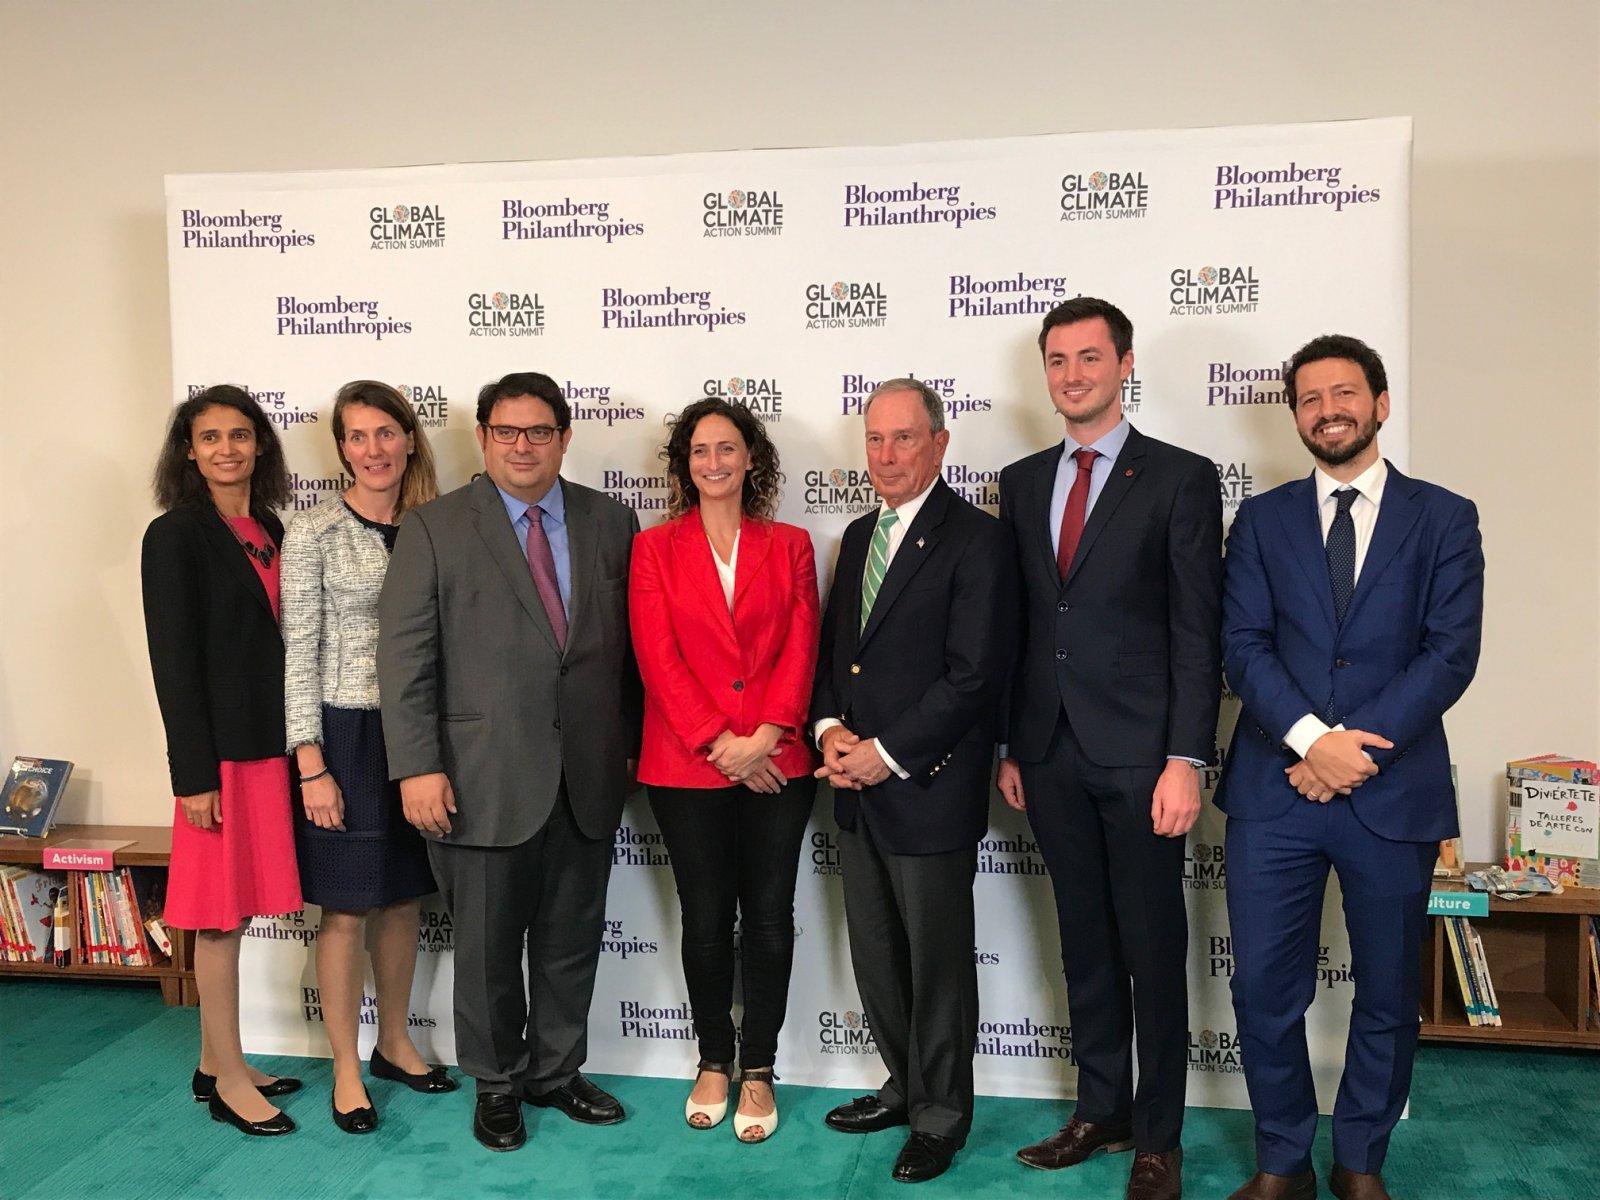 L'enviat especial de l'ONU per a l'acció del clima, empresari i exalcalde de Nova York, Michael Bloomberg, amb la delegació del Parlament Europeu